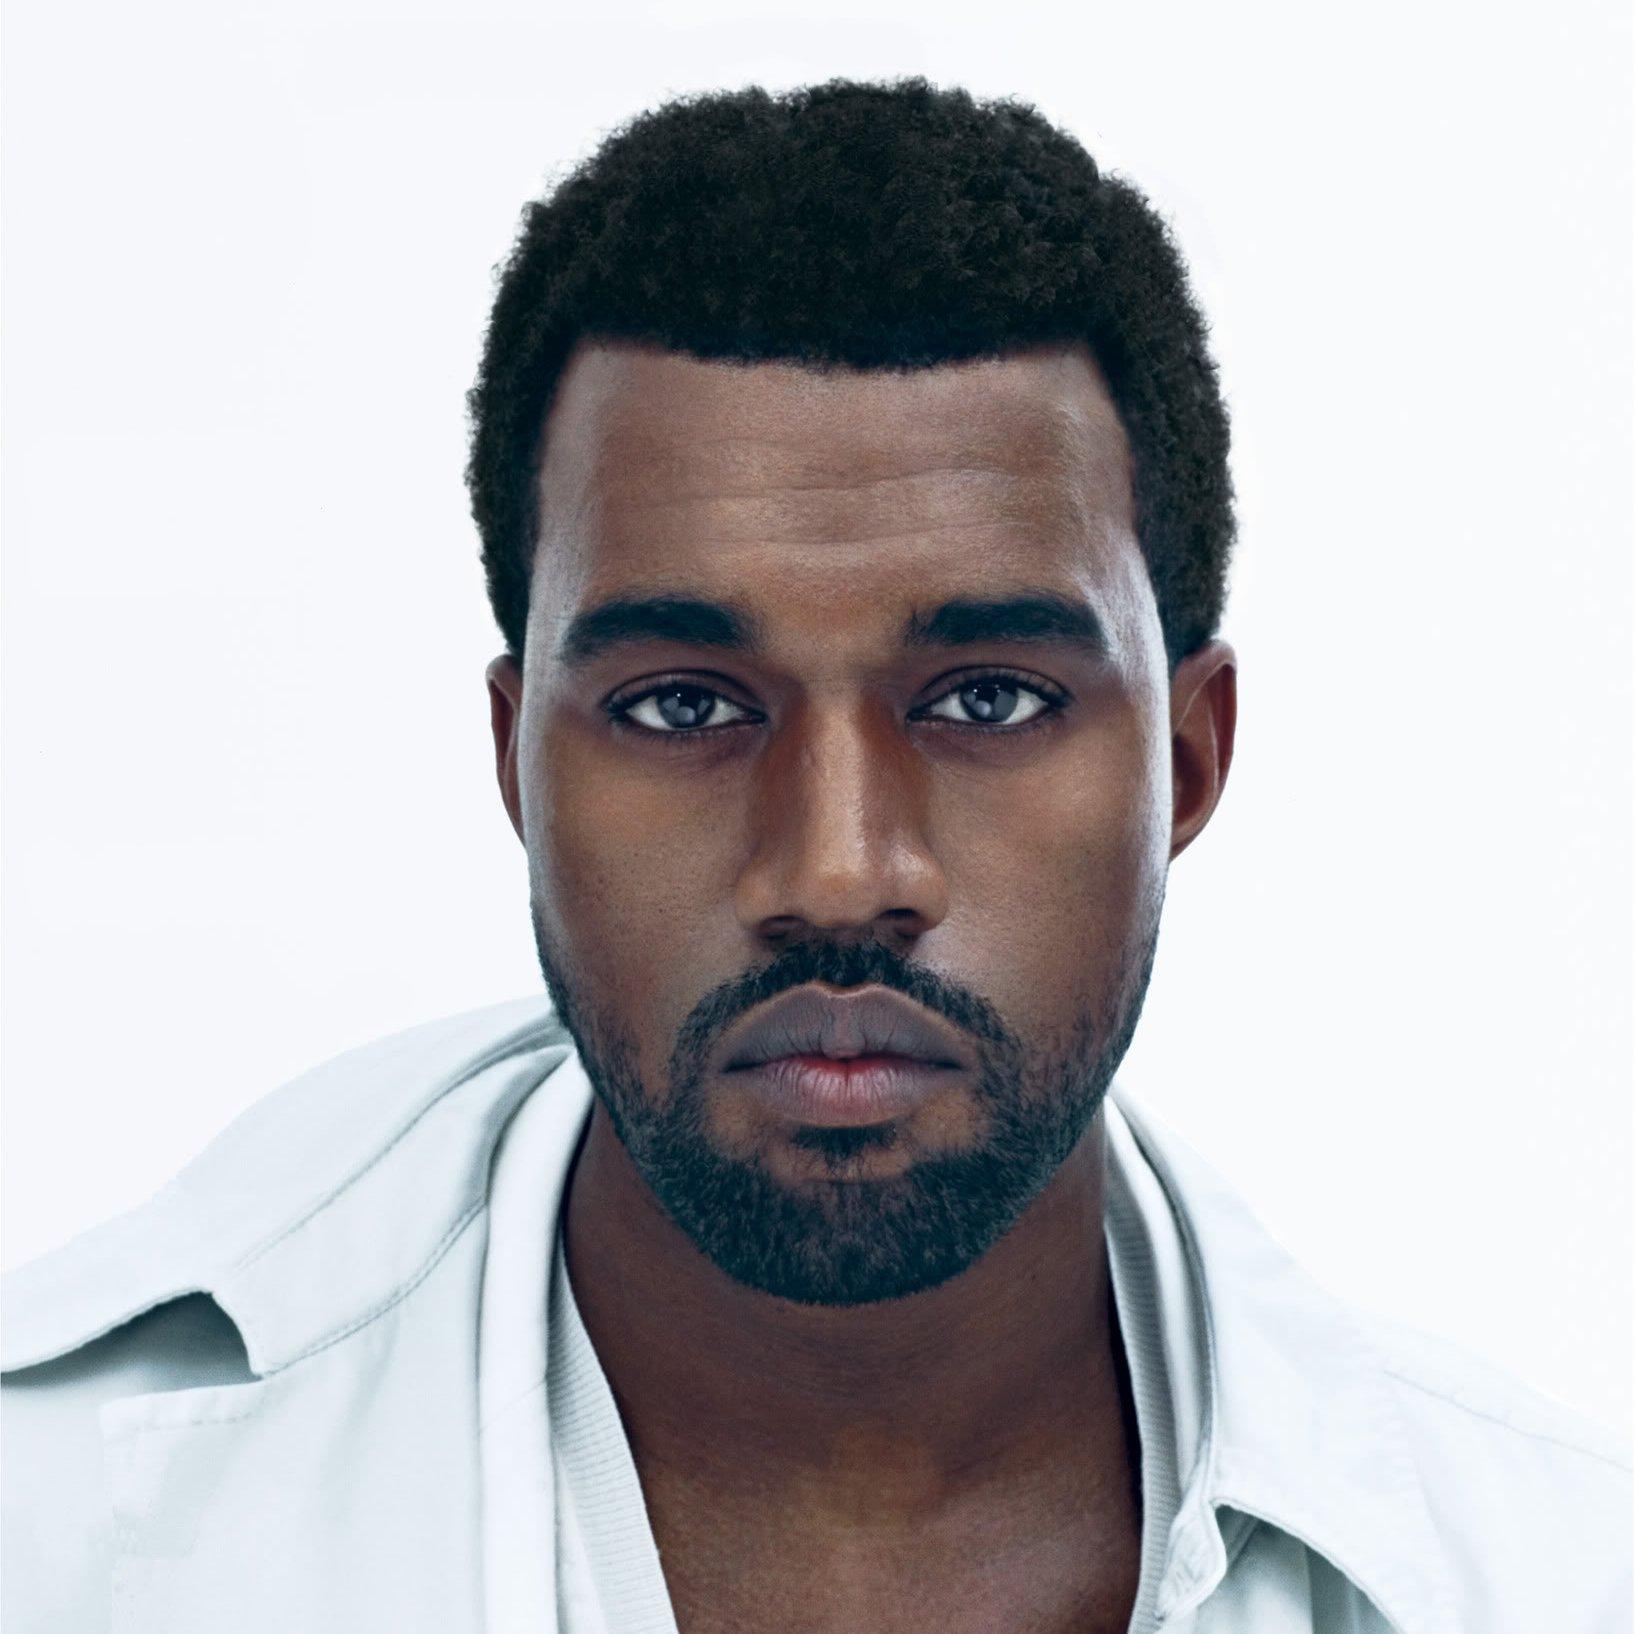 Kanye West 1m70 Sur Le Forum Blabla 18 25 Ans 27 05